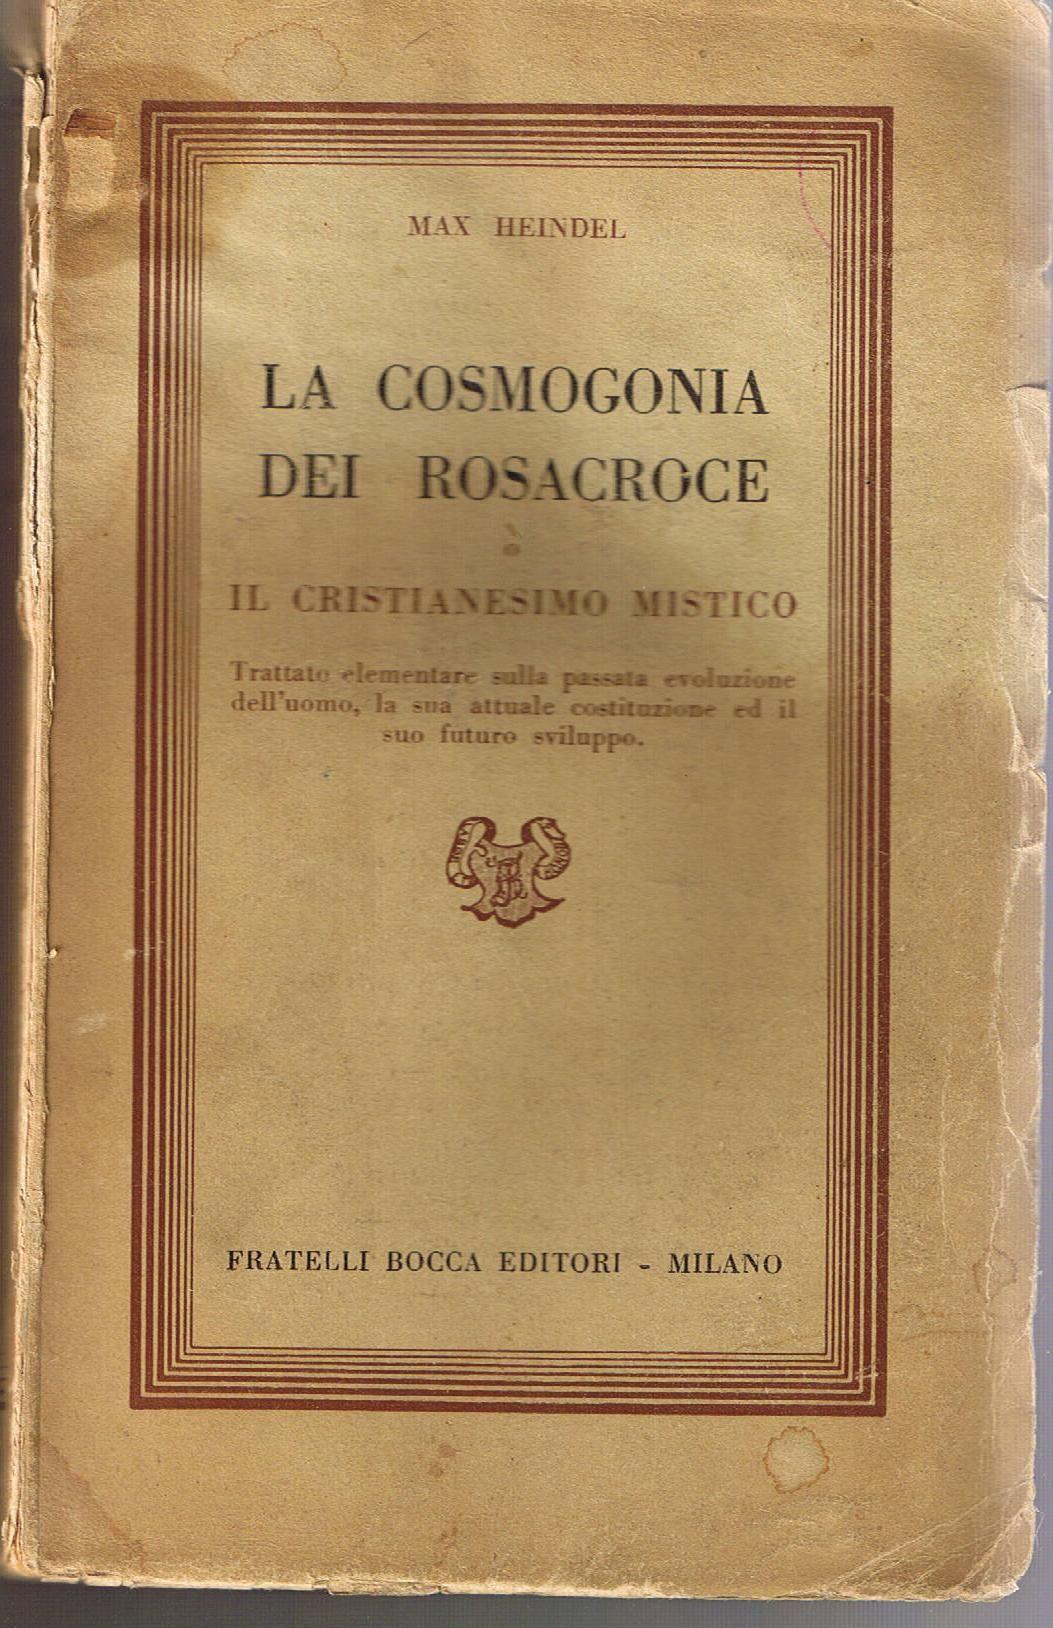 LA COSMOGONIA DEI ROSACROCE - Max HEINDEL, 1953